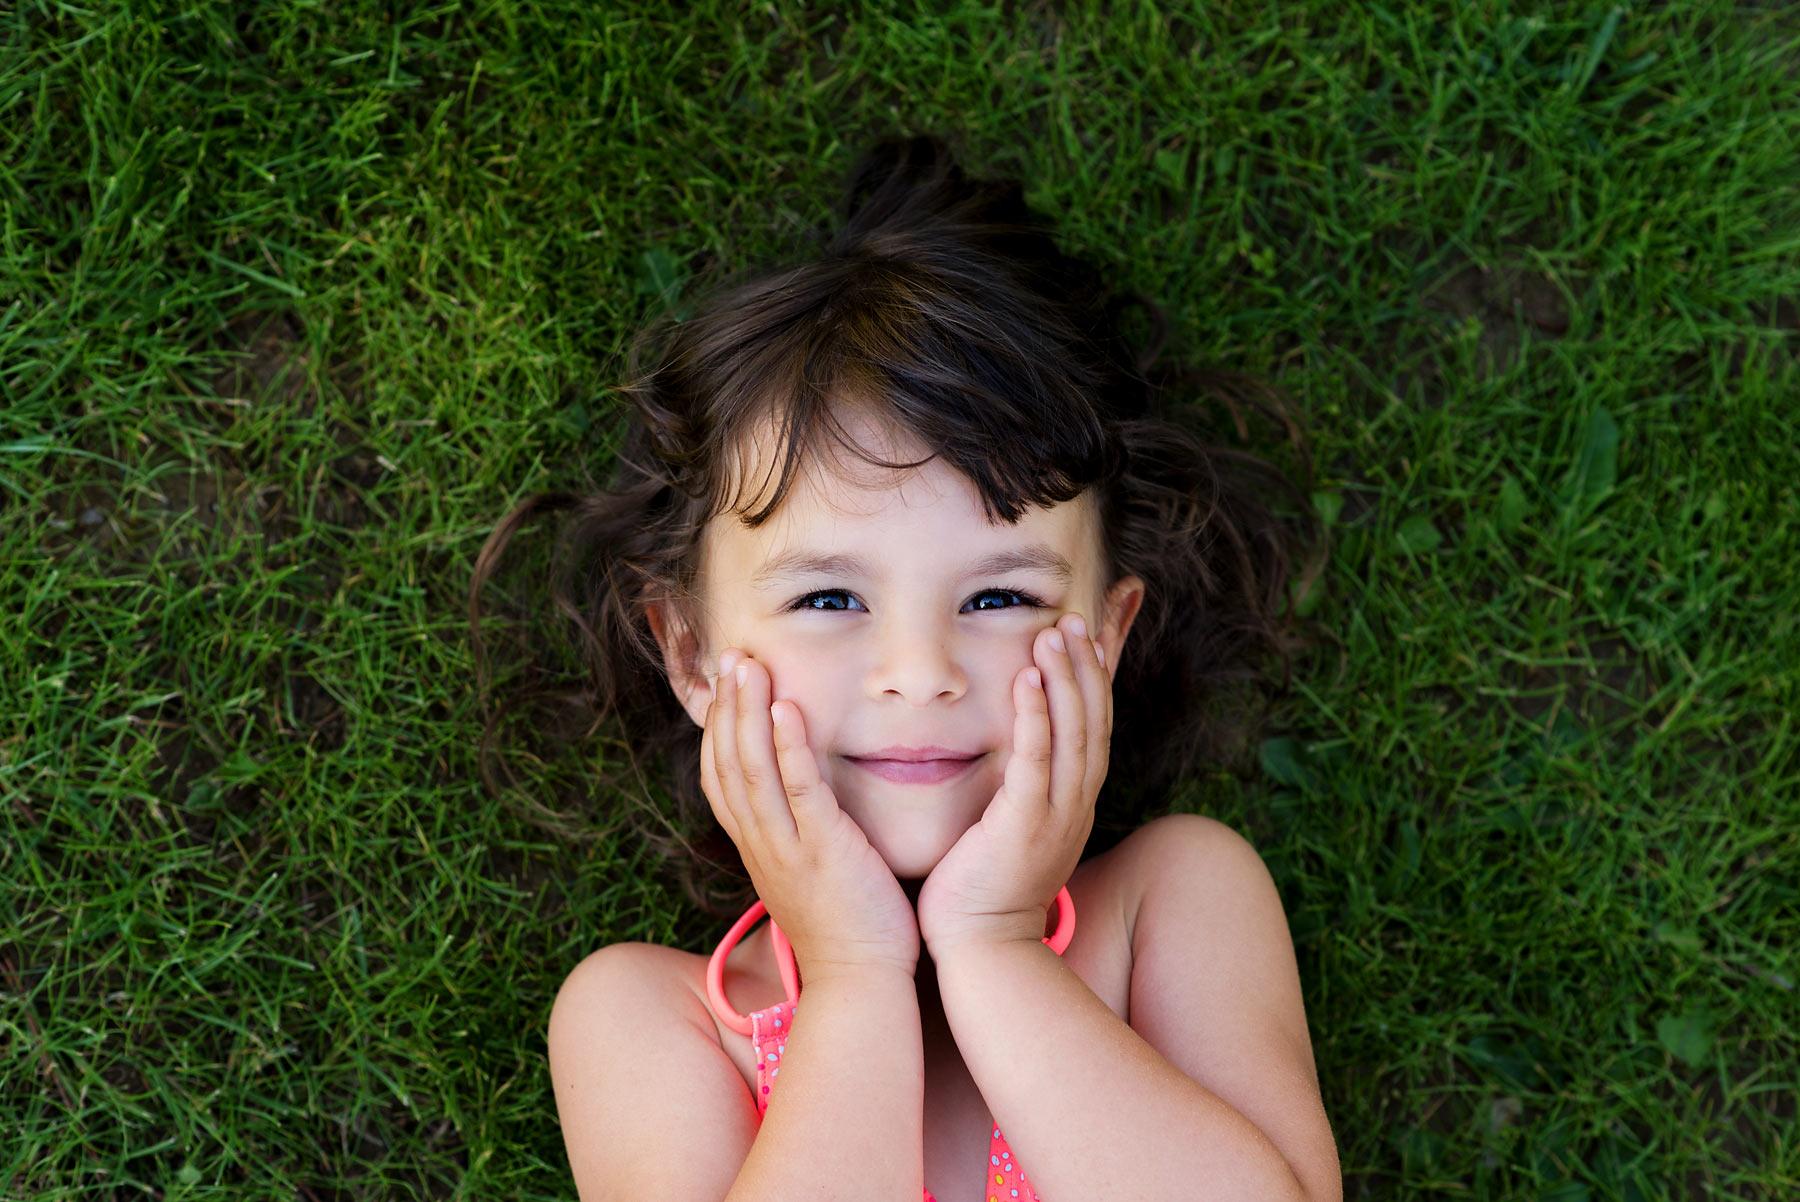 cécile lavabre photographe perpignan 66 pyrénées orientales photo portrait enfant famille 15